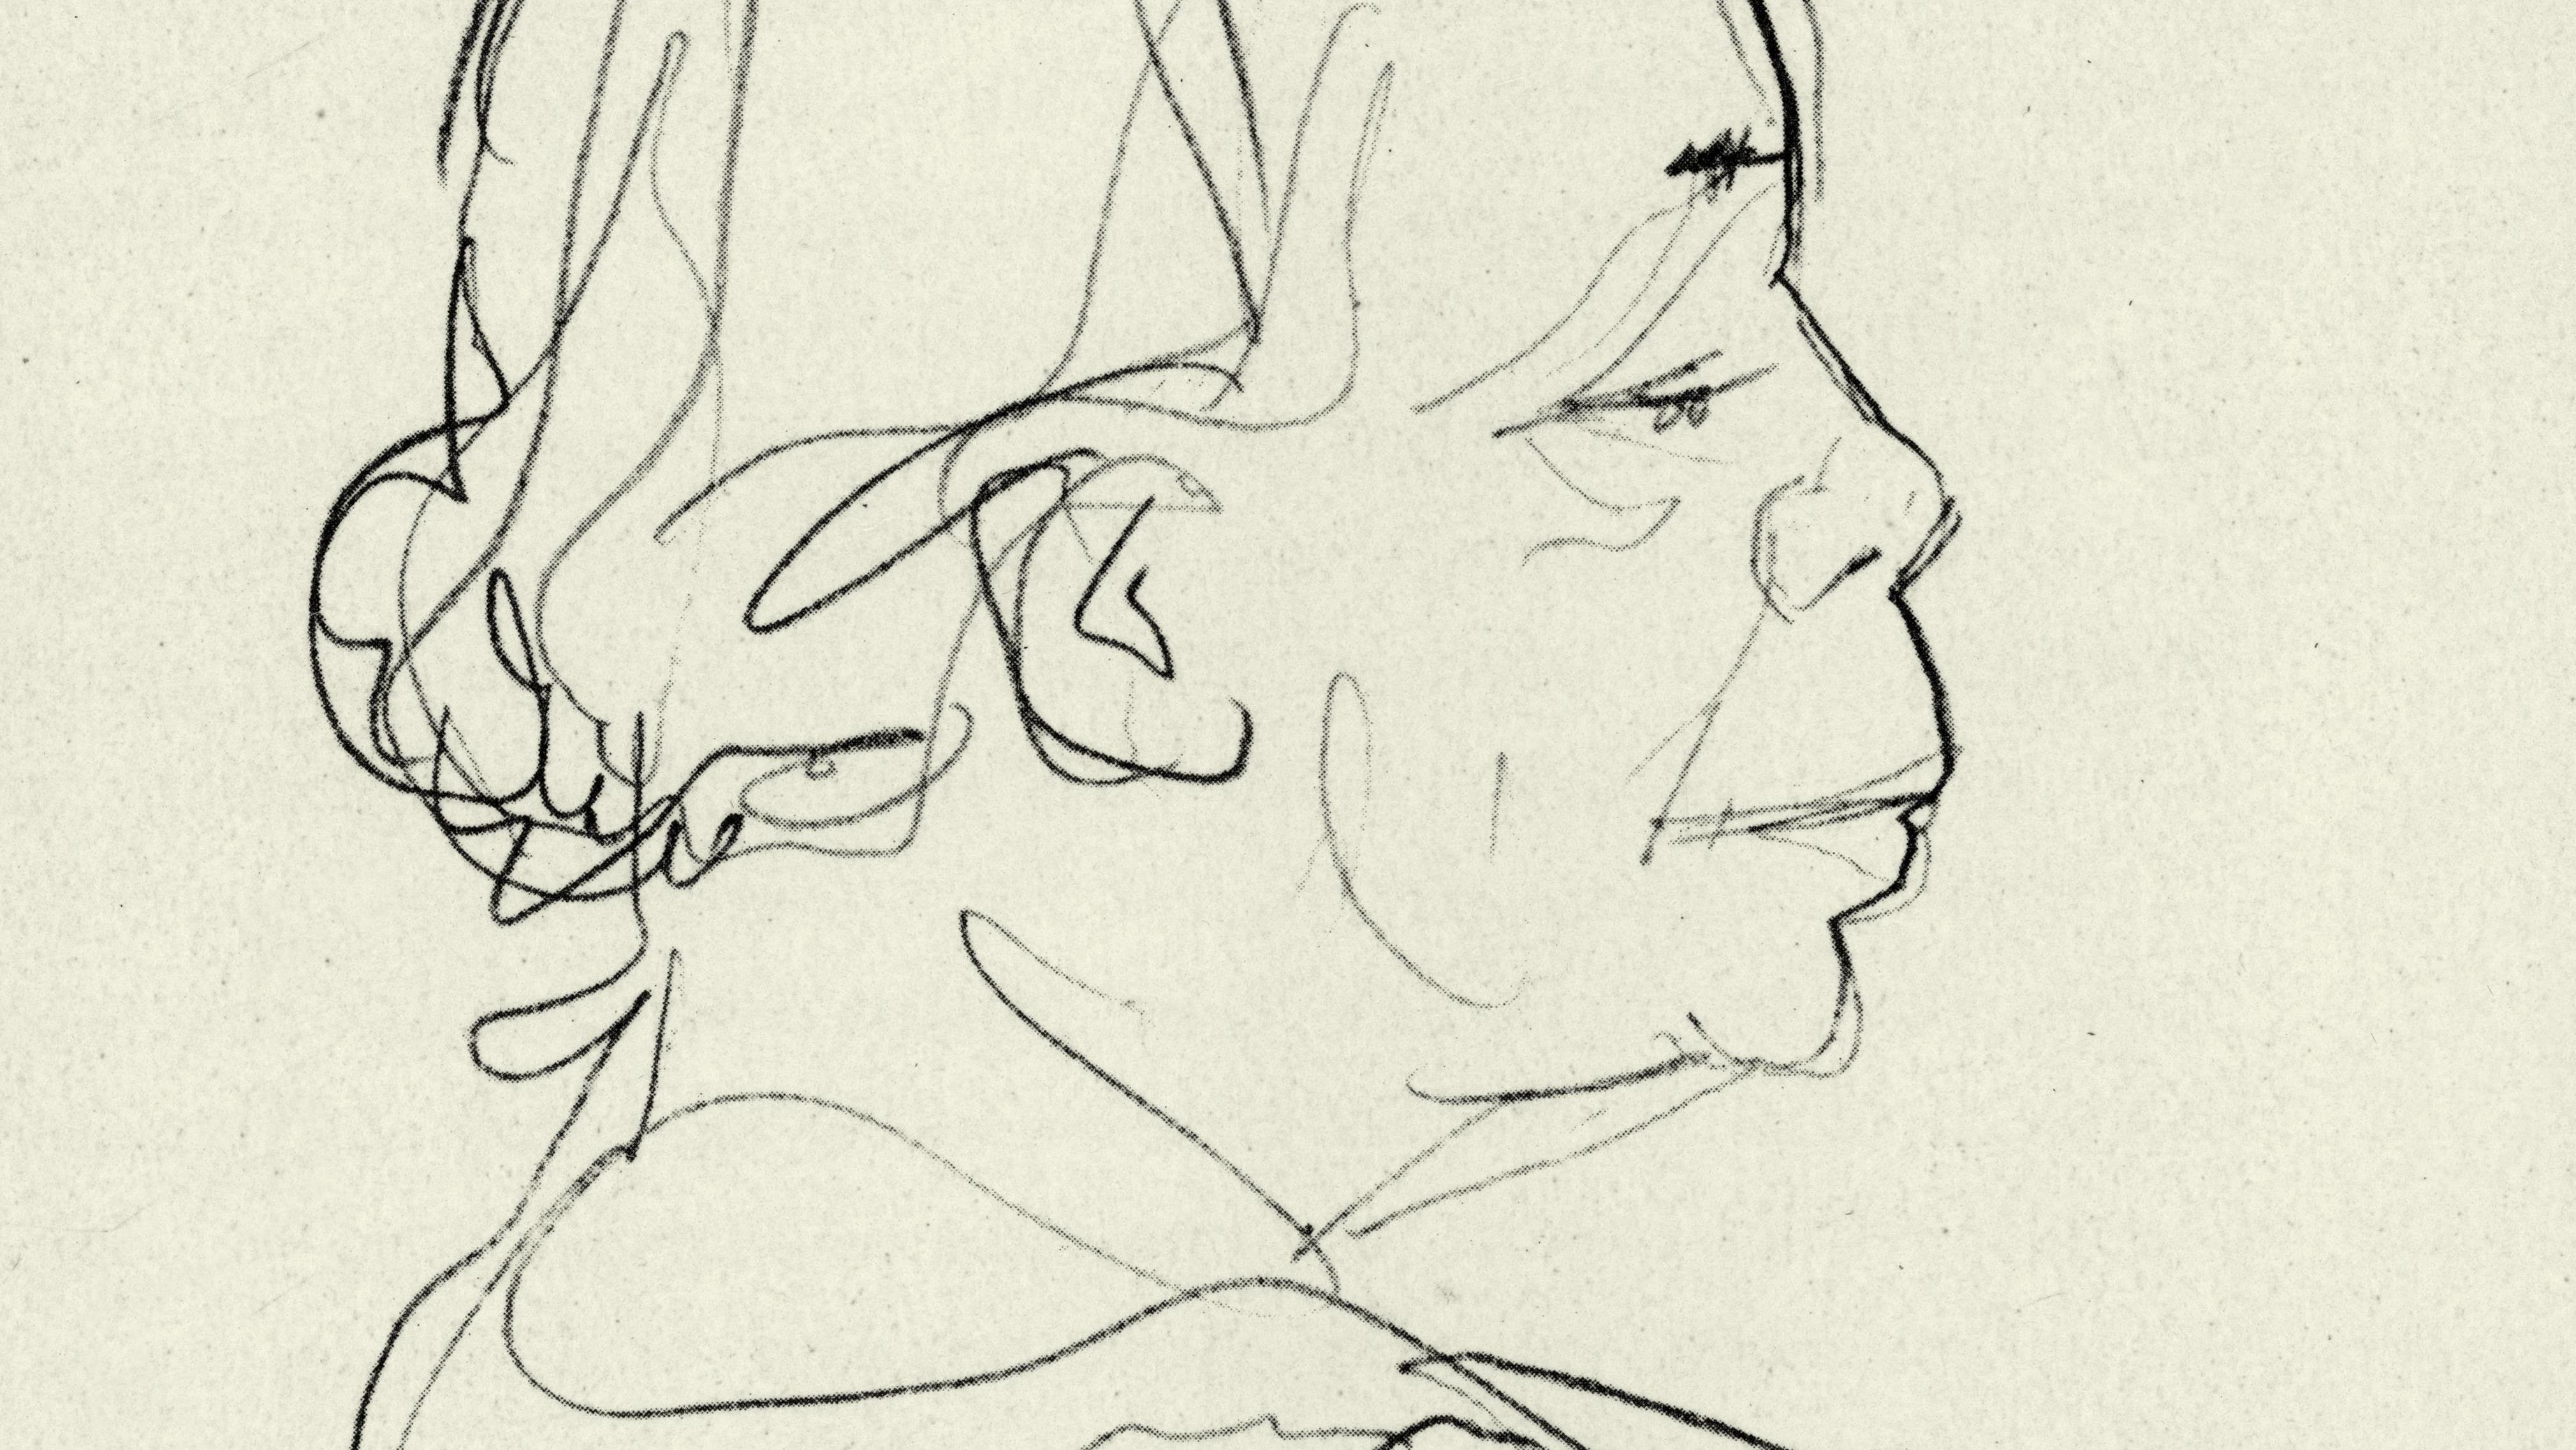 Benedikt Dolbin, Porträtzeichnung von Käthe Kollwitz, ca. 1935